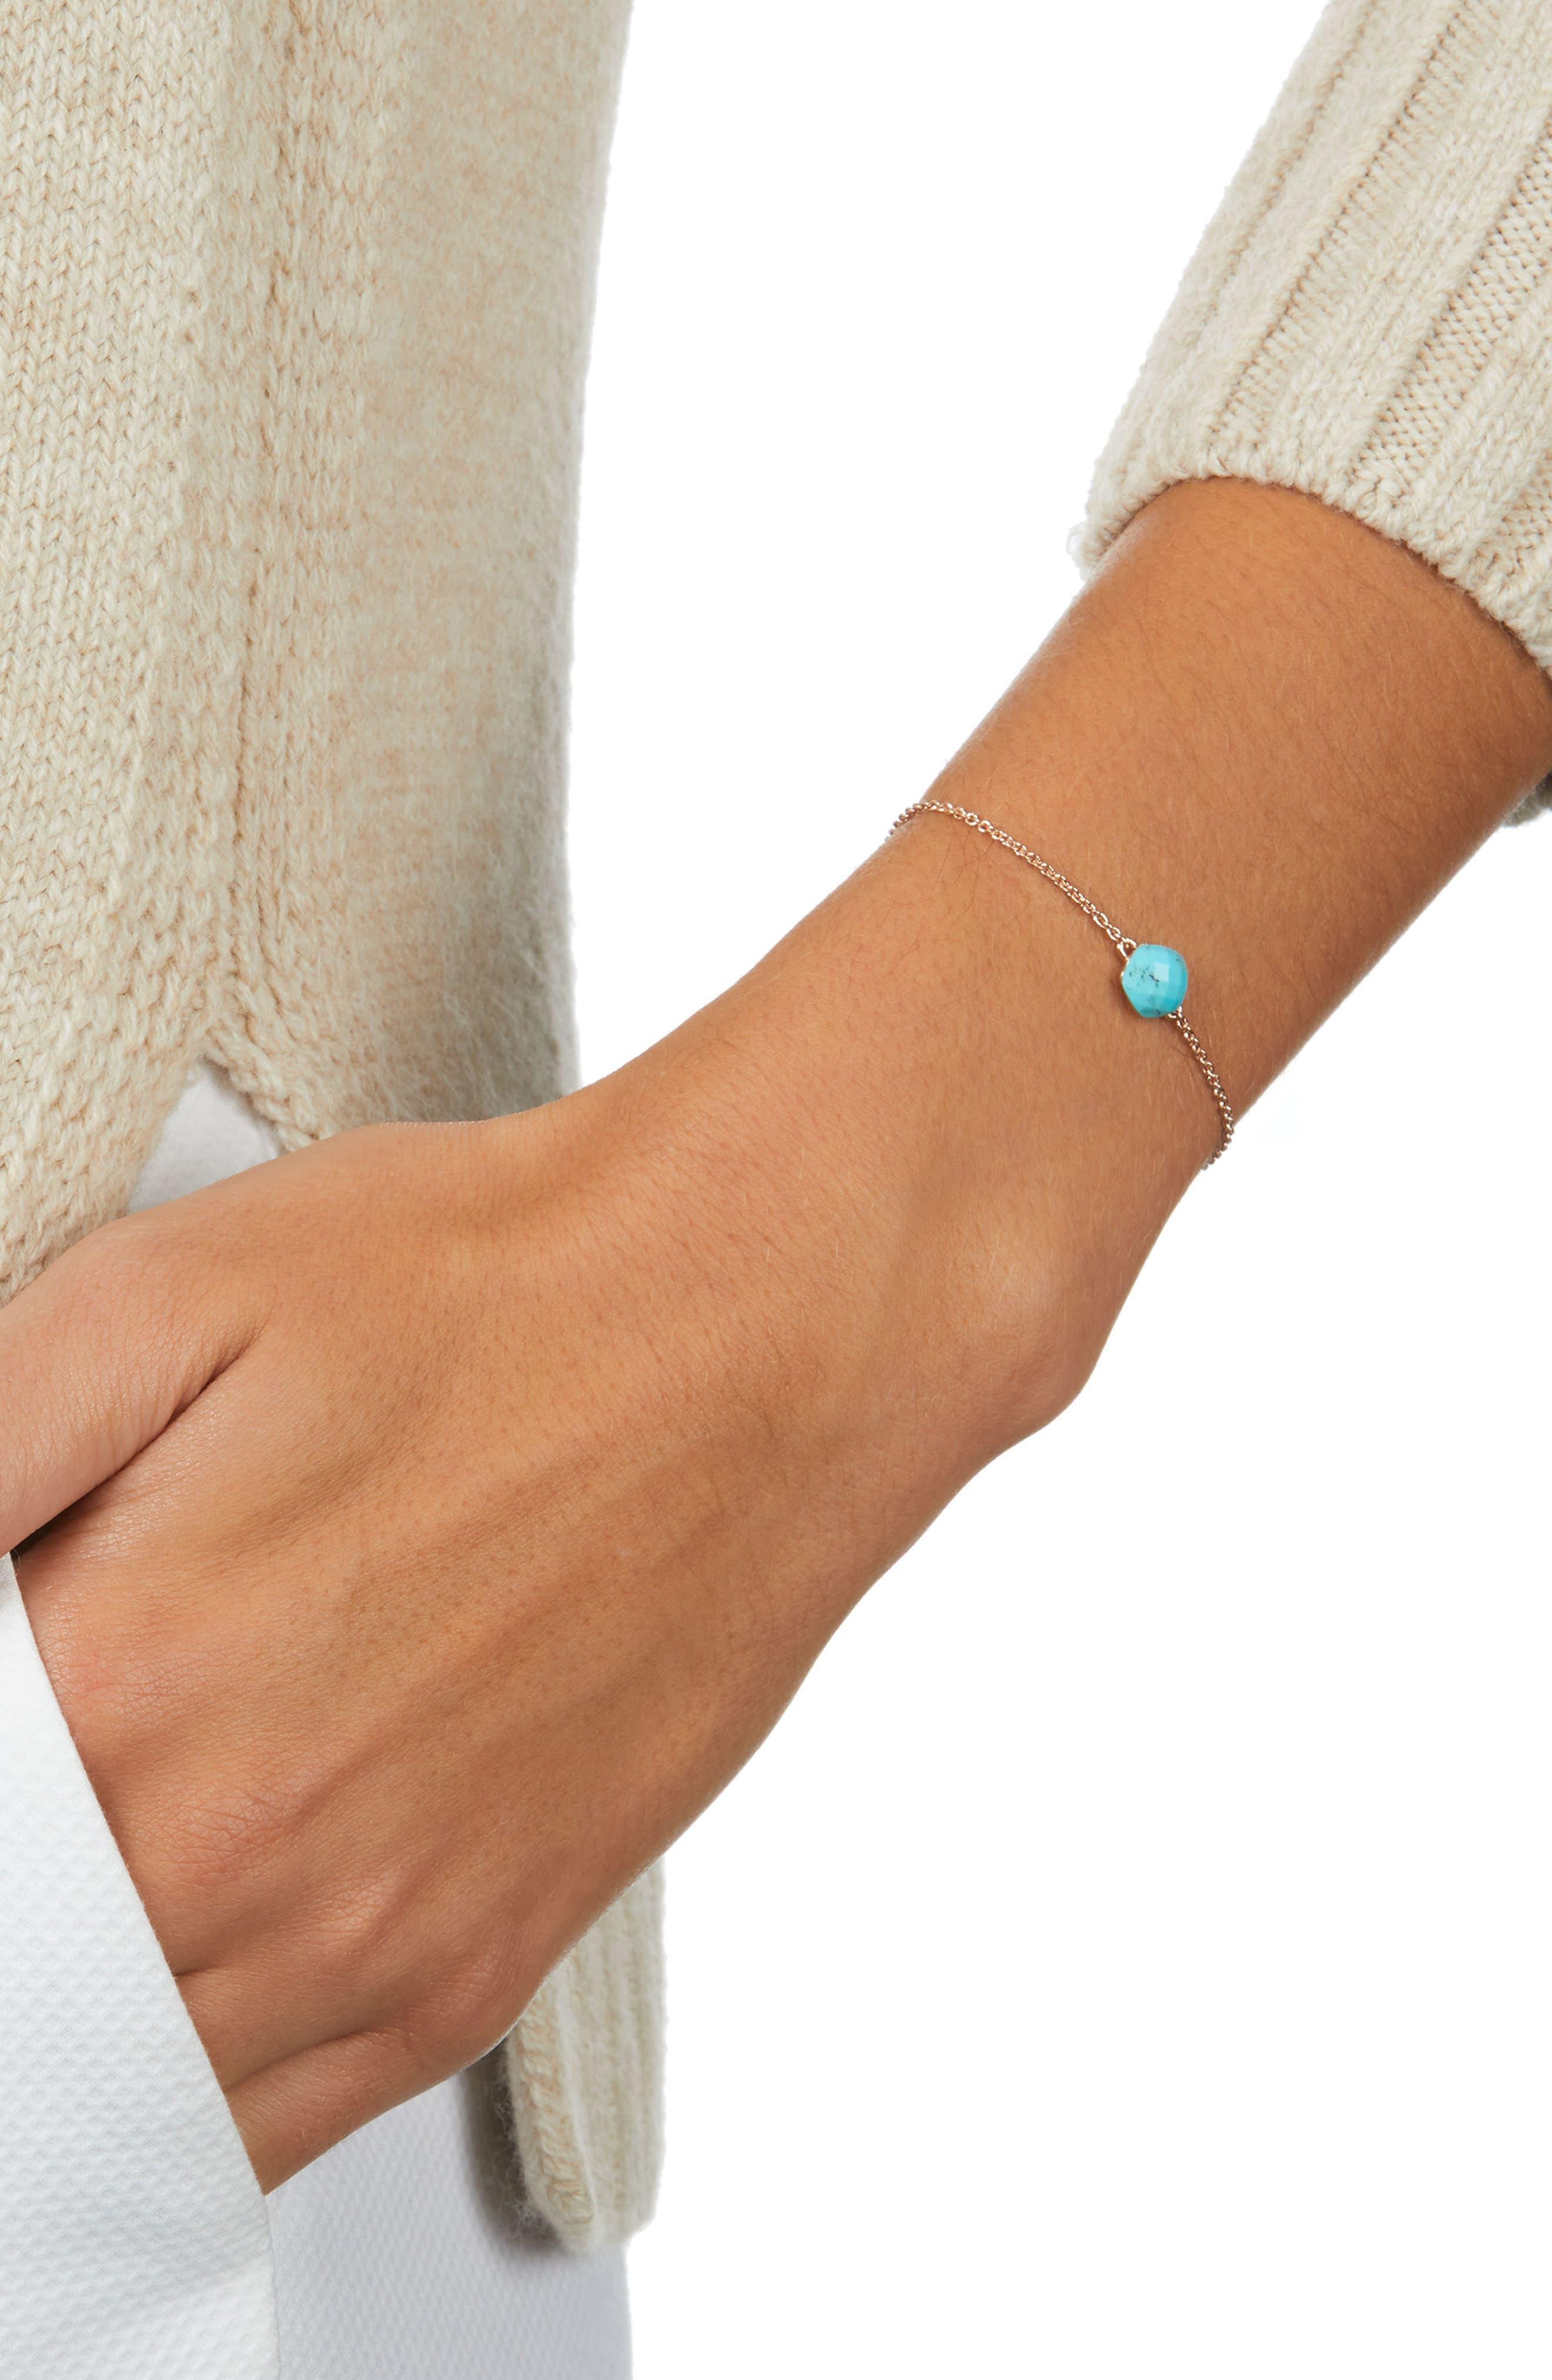 Nura Mini Nugget Bracelet,                             Alternate thumbnail 2, color,                             Turquoise